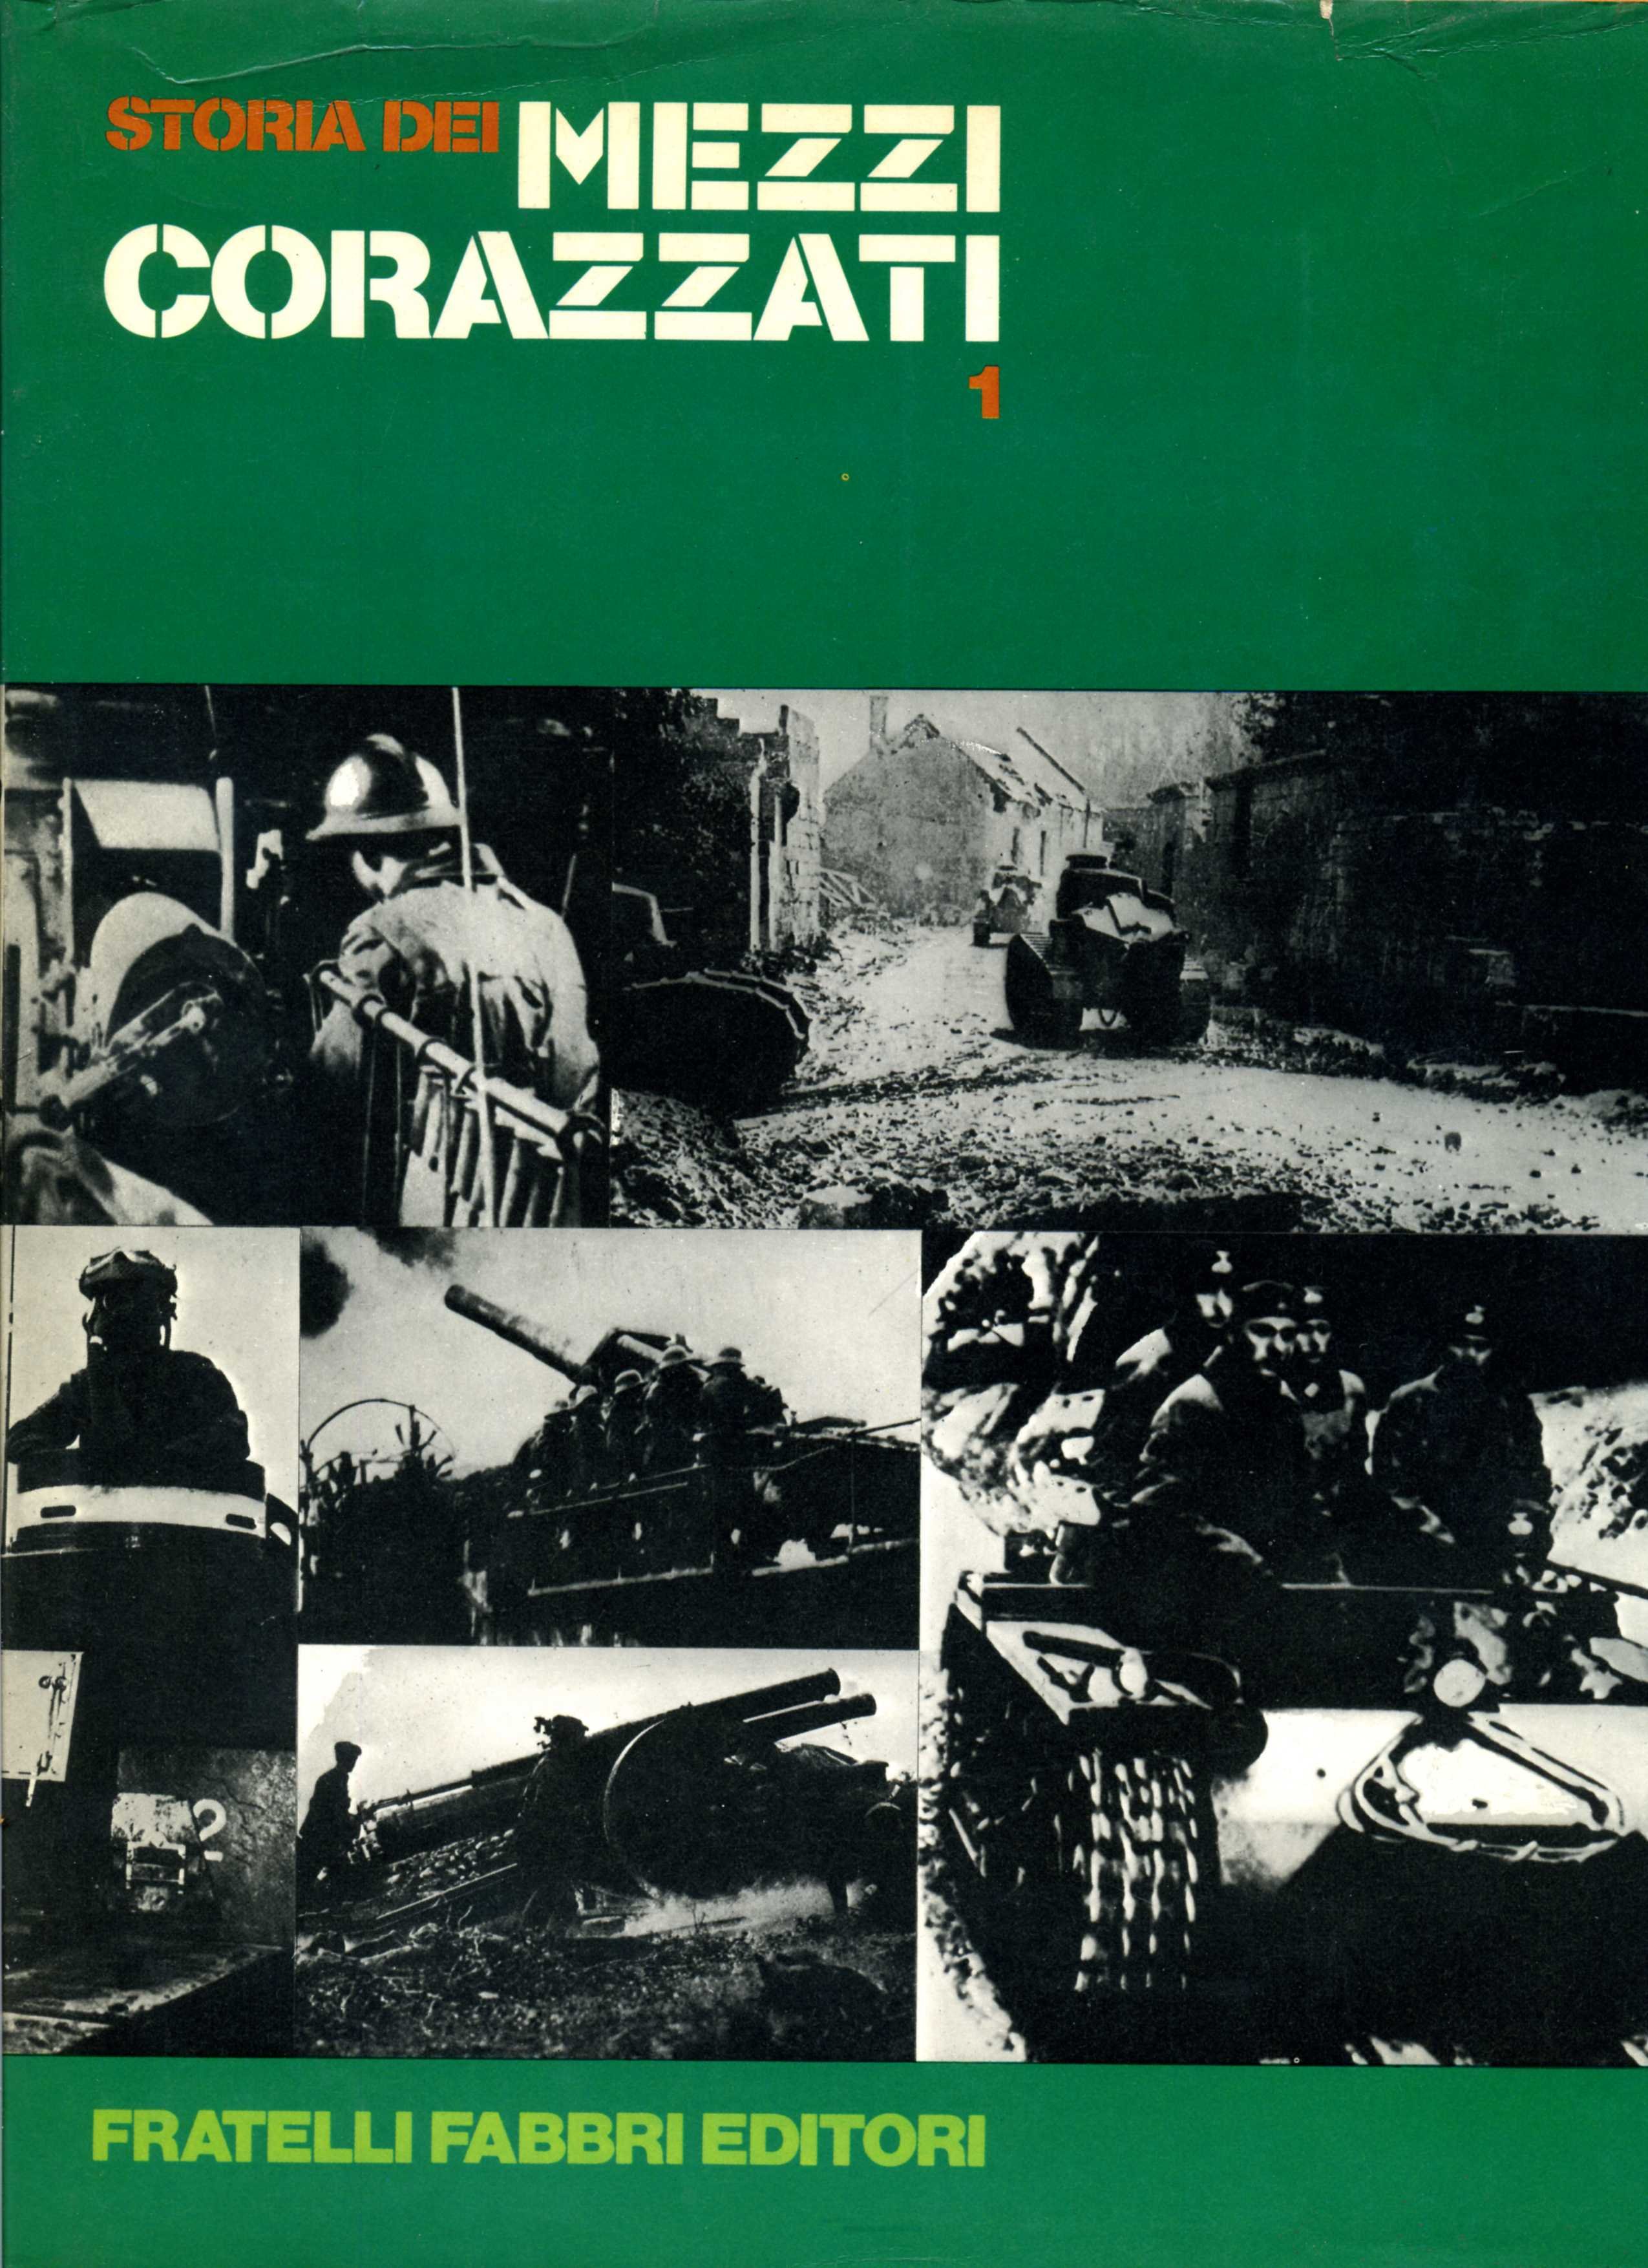 Storia dei mezzi corazzati vol.1